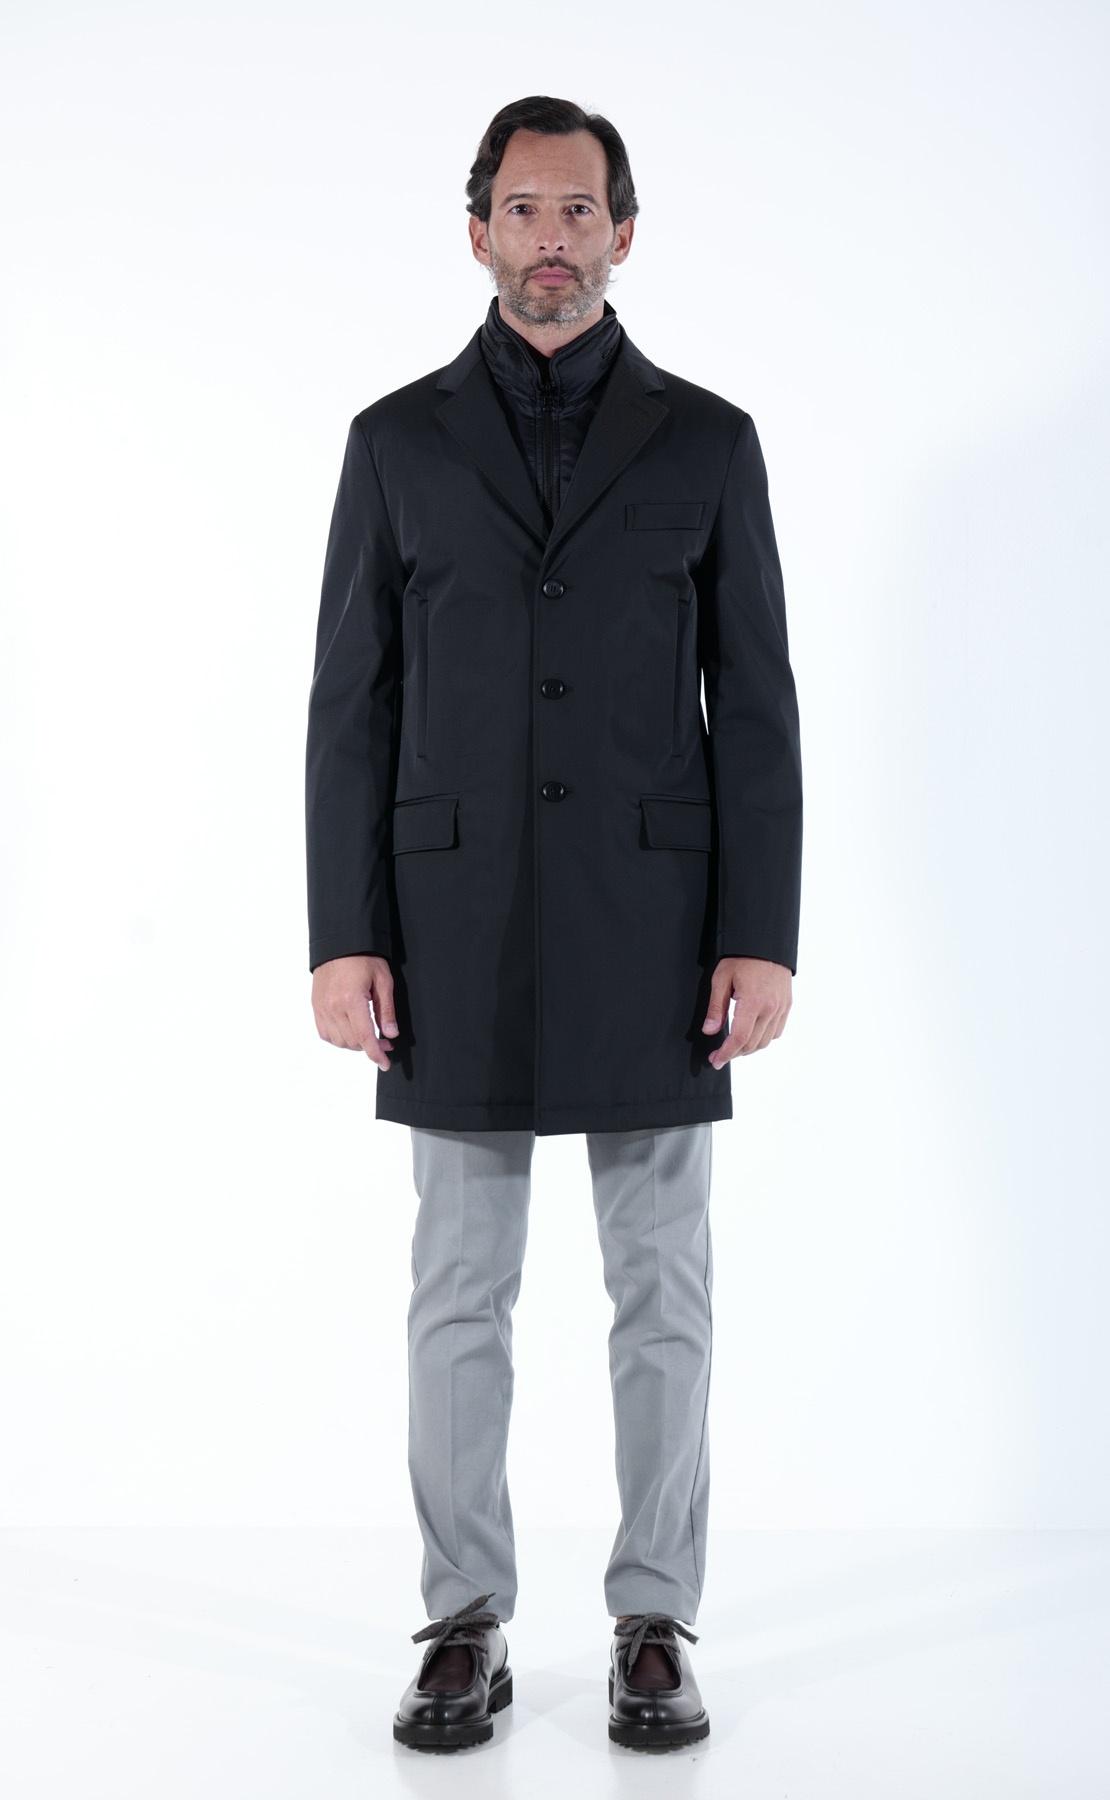 Cappotto DOUBLE COAT STRETCH per uomo FAY A/I 20-21